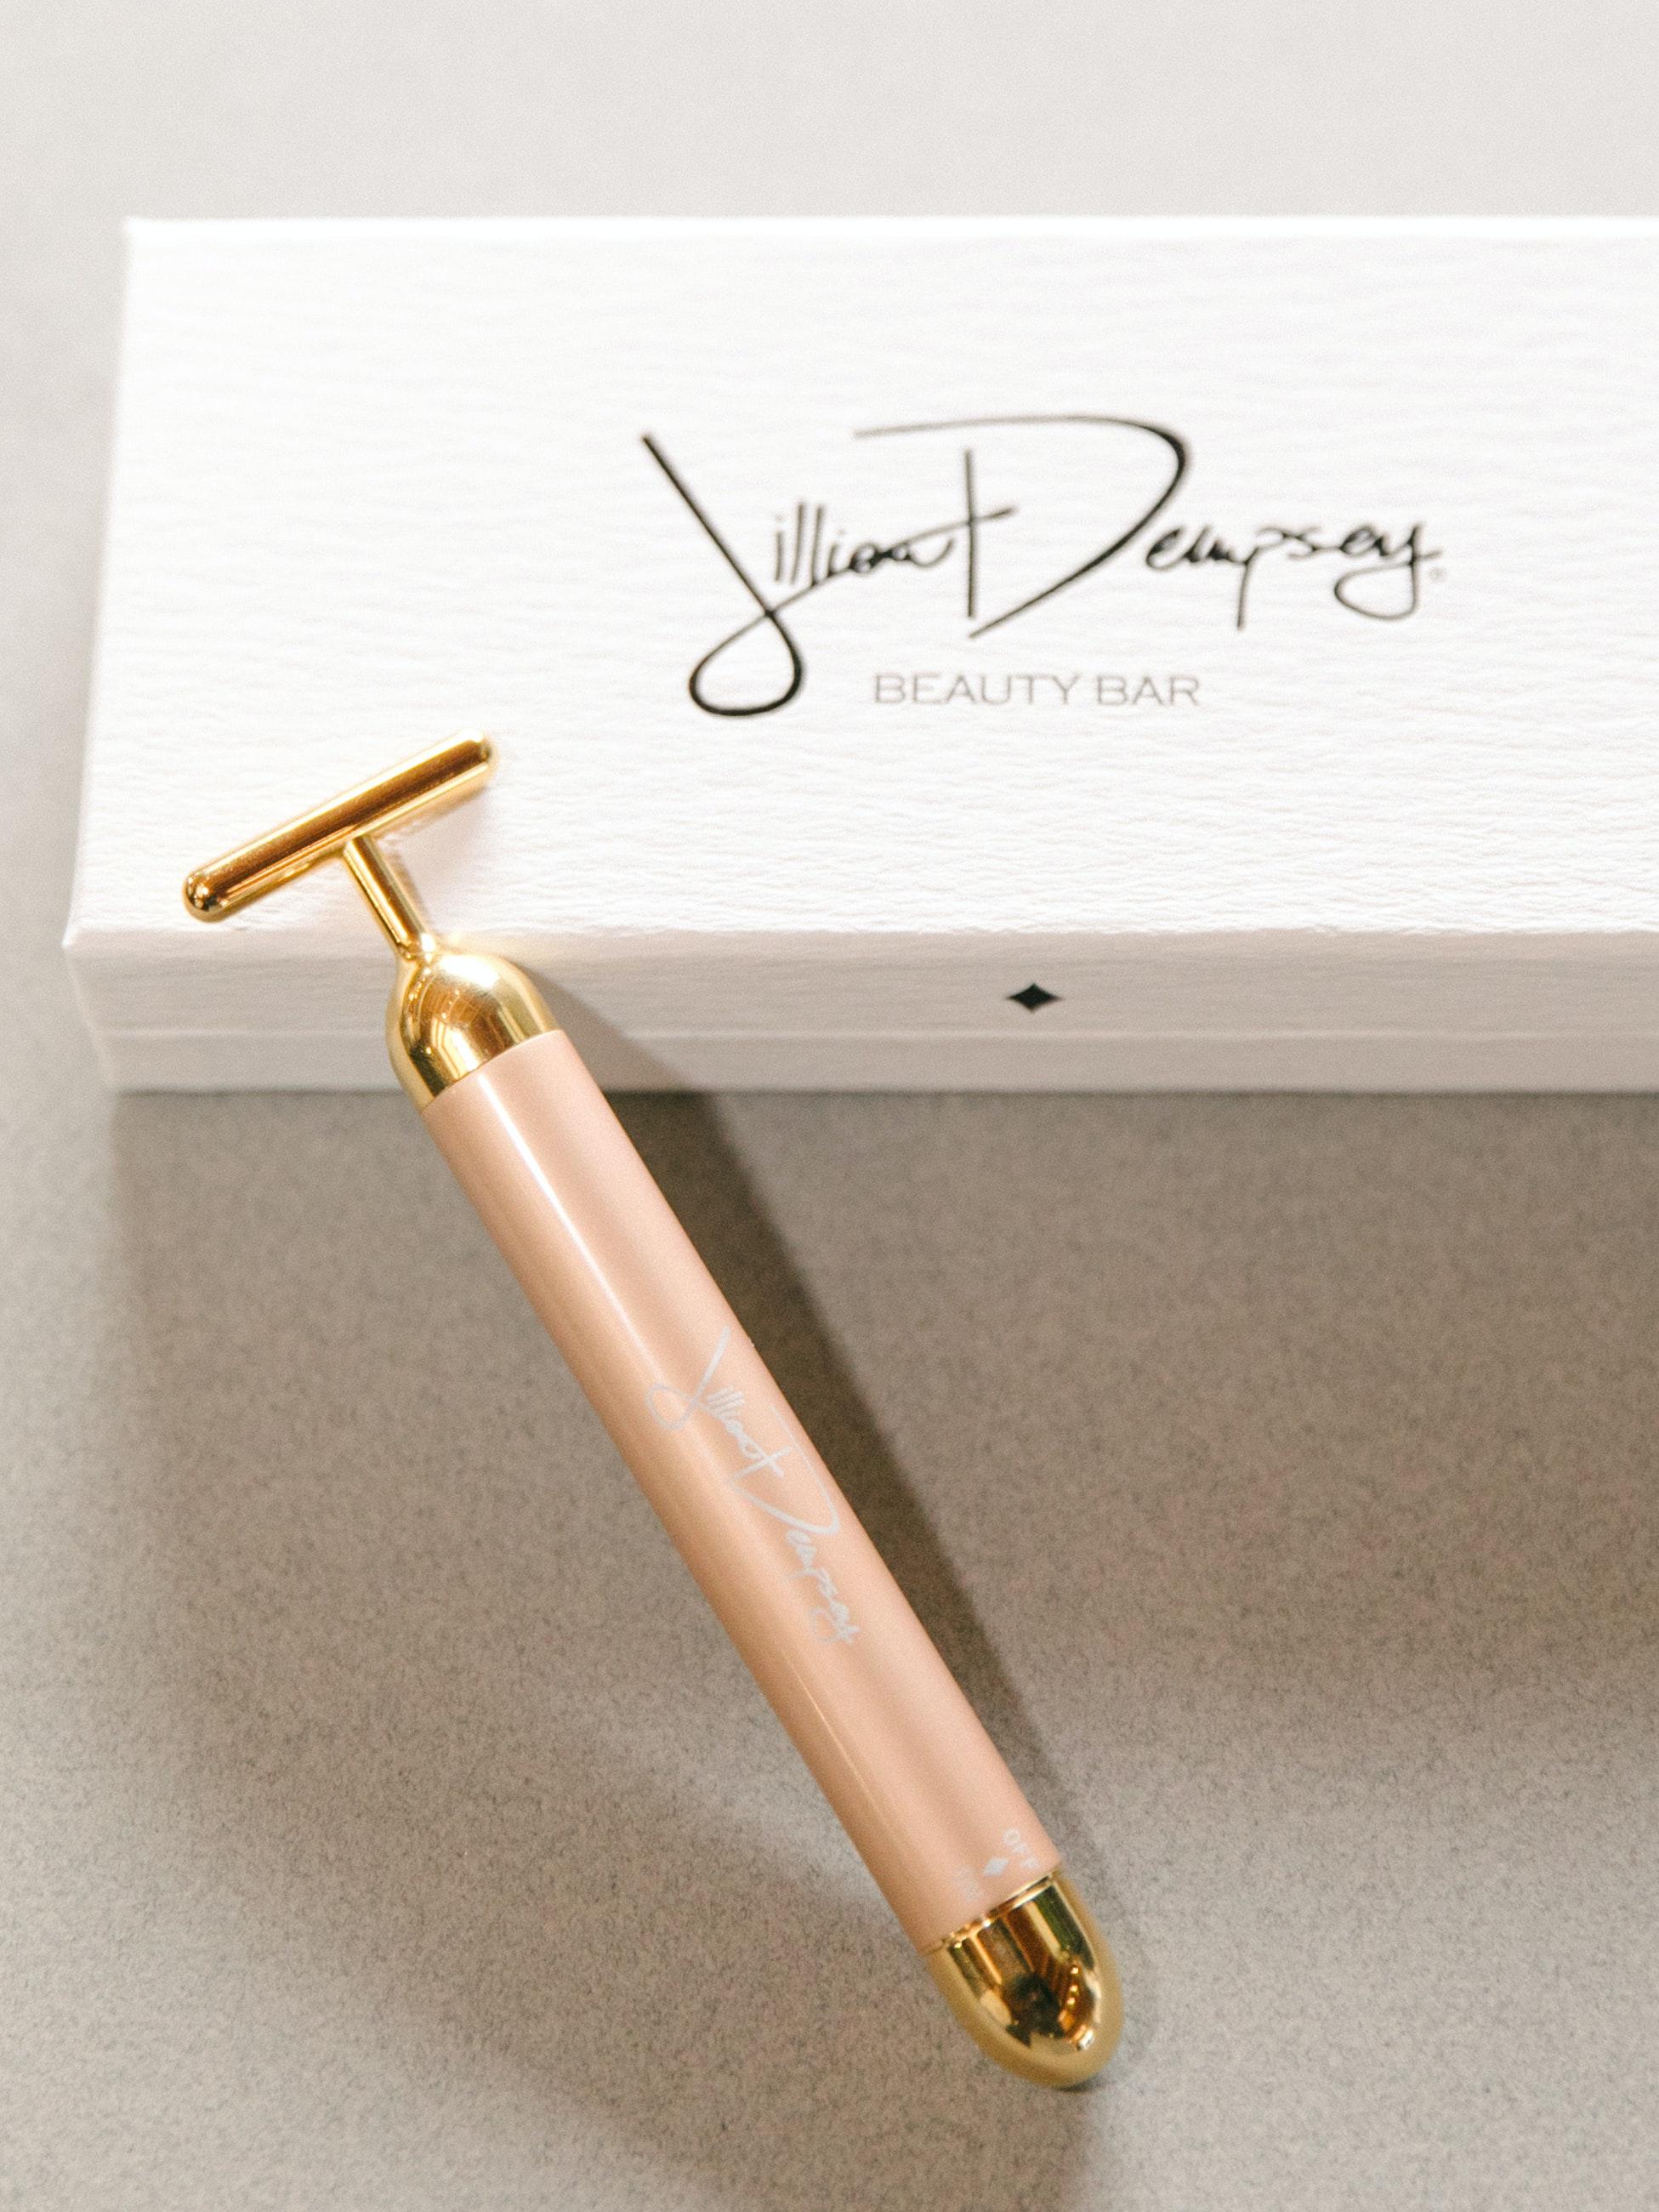 face massager jillian dempsey gold bar